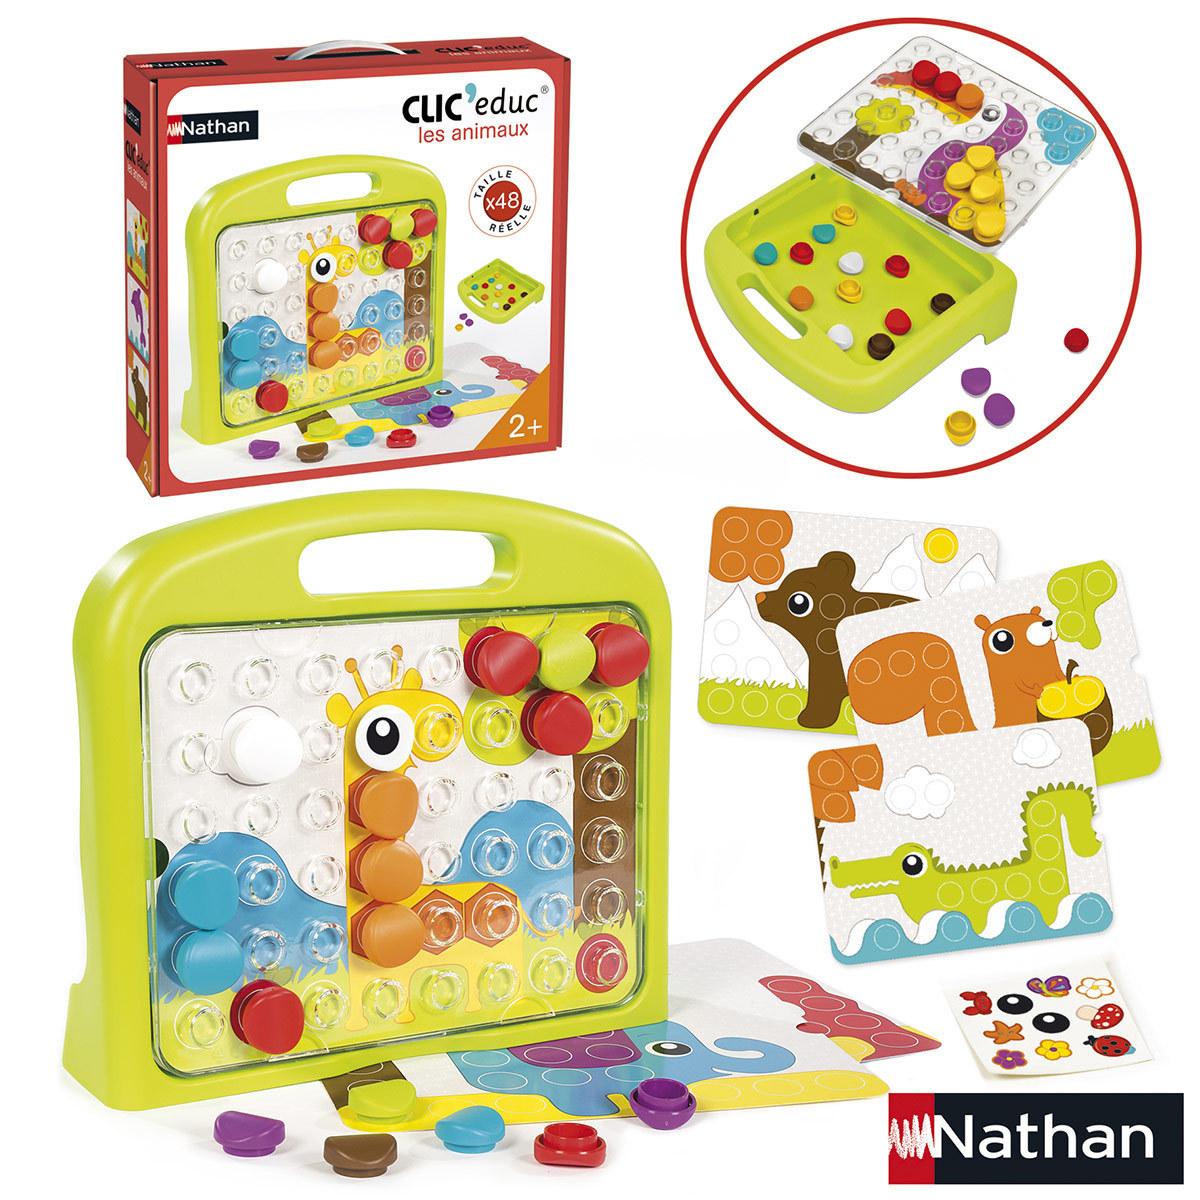 Mes premiers jouets Clic' educ Animaux Clic' educ Animaux